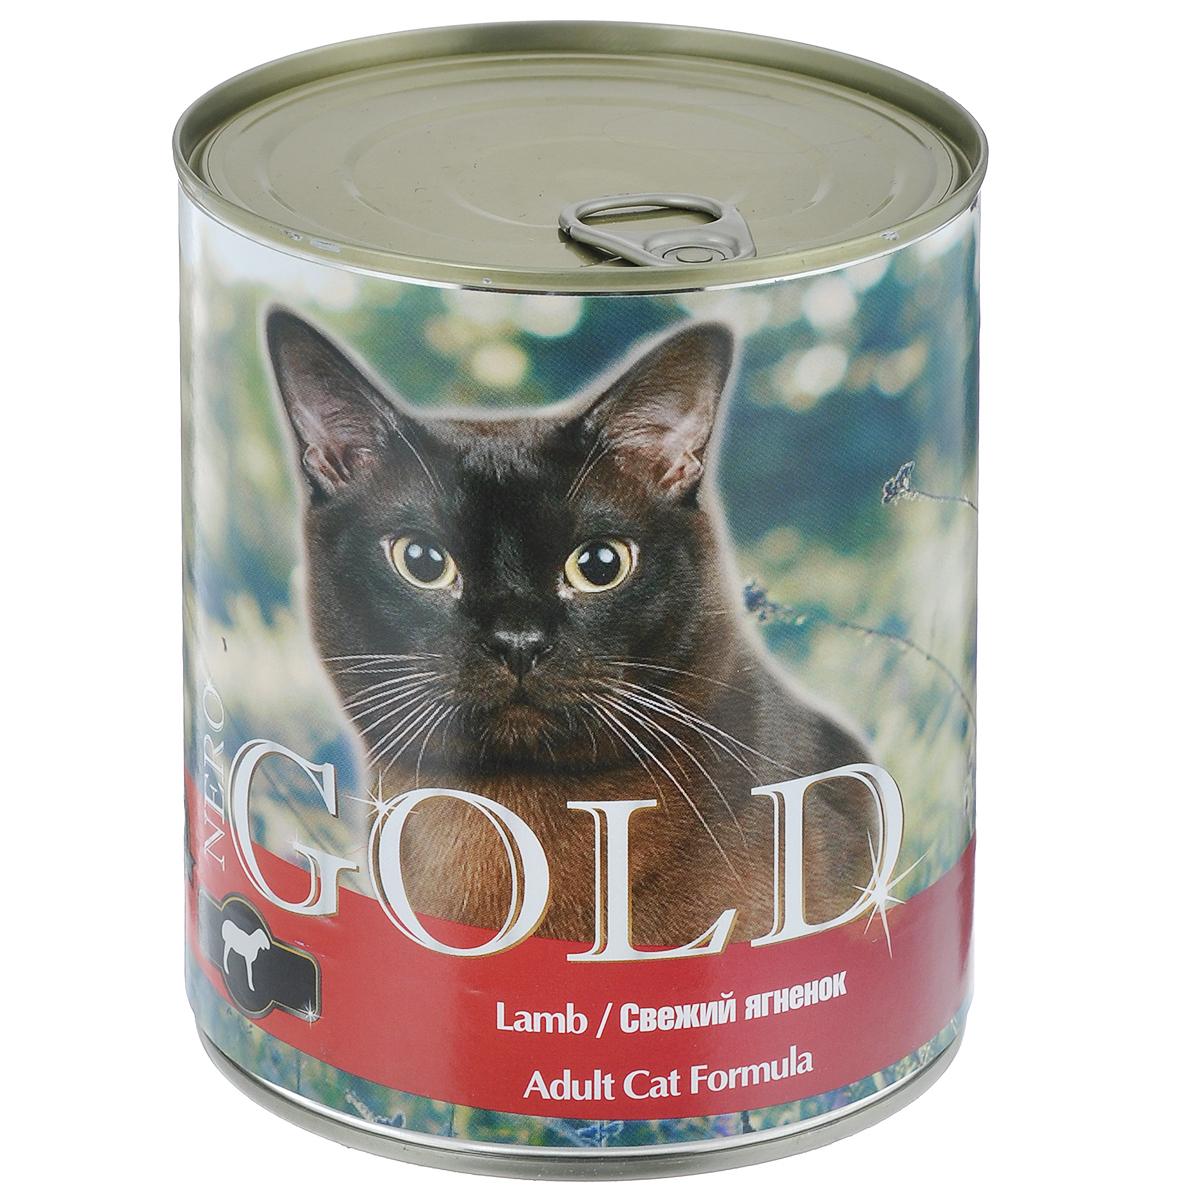 Консервы для кошек Nero Gold, свежий ягненок, 810 г24487Консервы для кошек Nero Gold - полнорационный продукт, содержащий все необходимые витамины и минералы, сбалансированный для поддержания оптимального здоровья вашего питомца! Состав: мясо и его производные, филе курицы, ягненок, злаки, витамины и минералы. Гарантированный анализ: белки 6%, жиры 4,5%, клетчатка 0,5%, зола 2%, влага 81%. Пищевые добавки на 1 кг продукта: витамин А 1600 МЕ, витамин D 140 МЕ, витамин Е 10 МЕ, таурин 300 мг, железо 24 мг, марганец 6 мг, цинк 15 мг, медь 1 мг, магний 200 мг, йод 0,3 мг, селен 0,2 мг.Вес: 810 г. Товар сертифицирован.